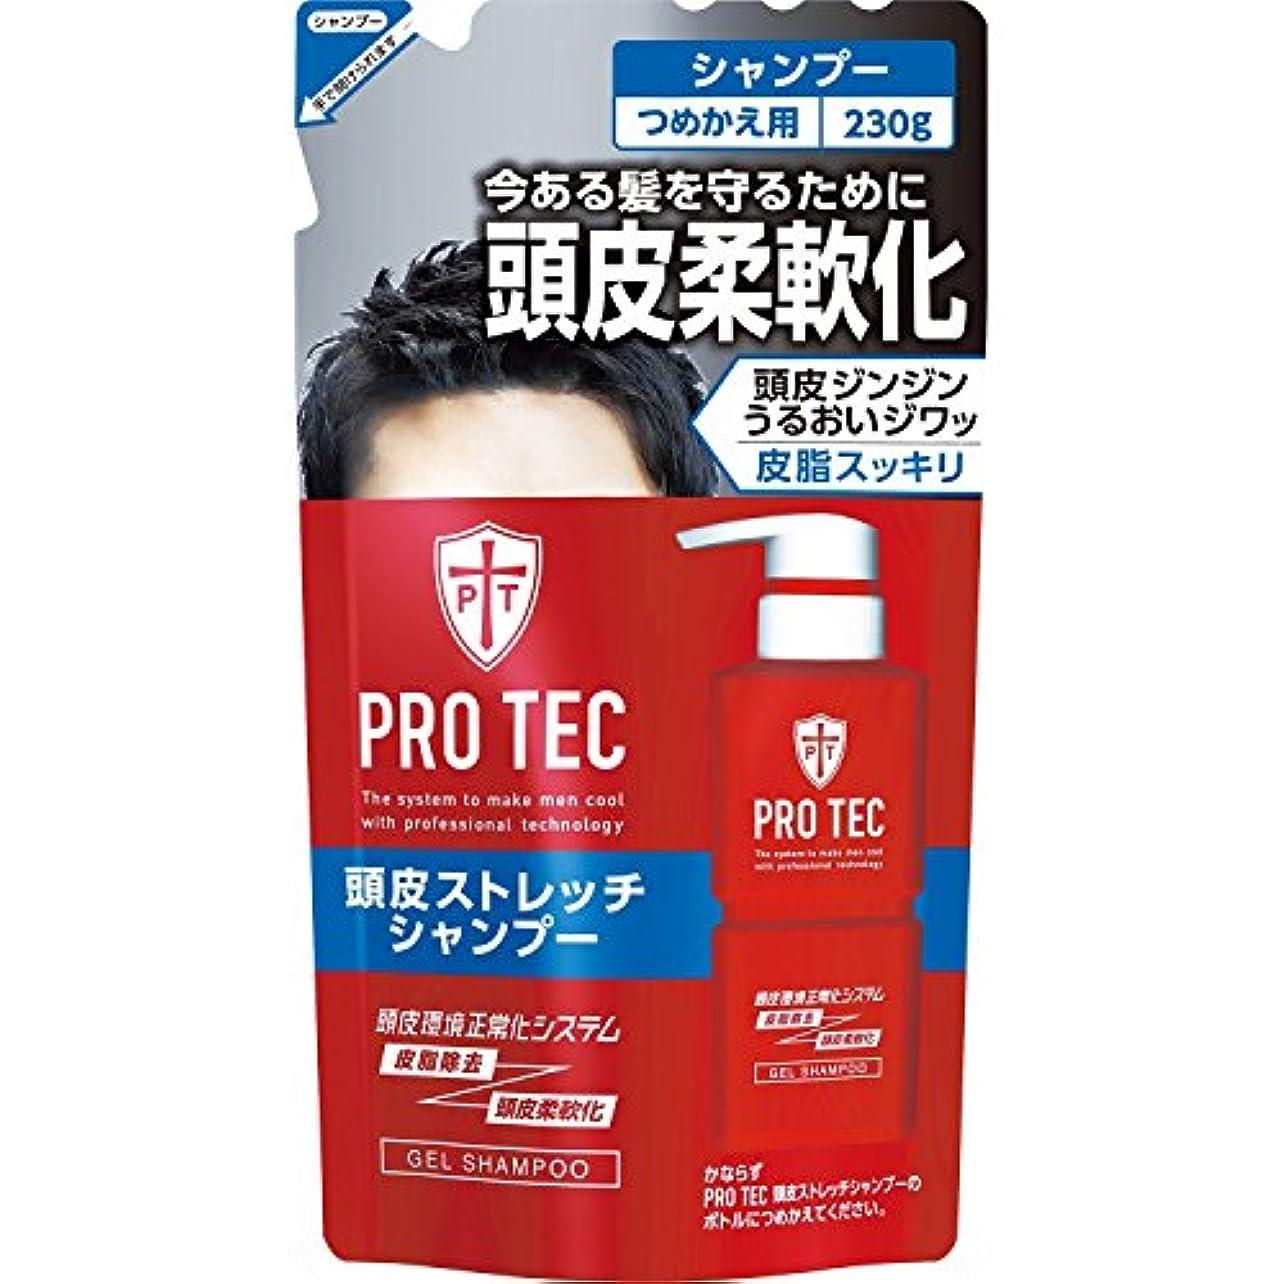 タイトル口頭錫PRO TEC(プロテク) 頭皮ストレッチ シャンプー 詰め替え 230g(医薬部外品)